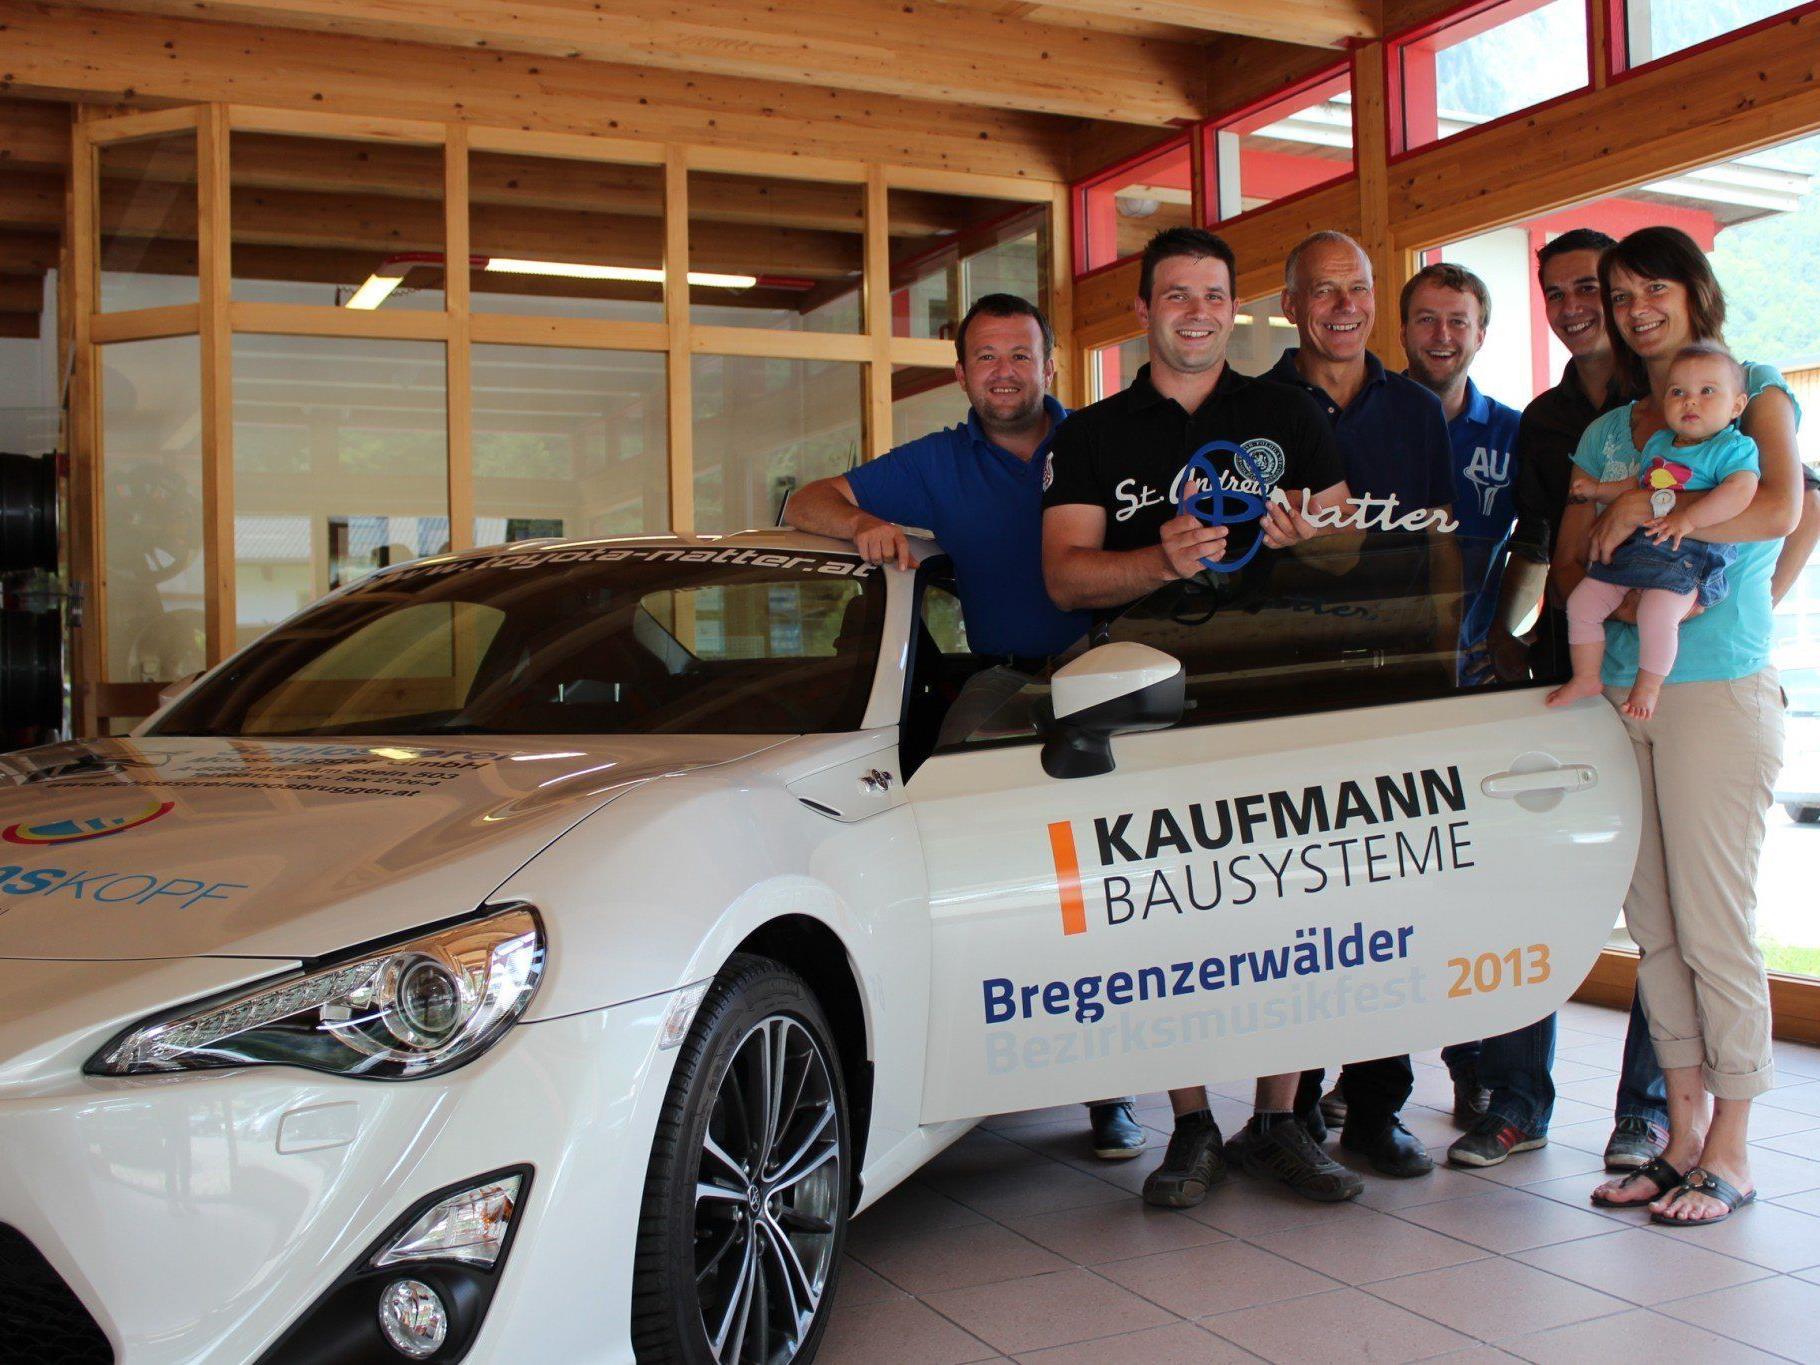 Mathias Simma (BM Au), Auto-Gewinner Stefan Kohler, Walter Natter (Toyota Natter), Martin Natter (BM Au), Michael Natter (Toyota Natter) und Maritta Röck mit Laura (Lebensgefährtin und Tochter von Stefan Kohler).